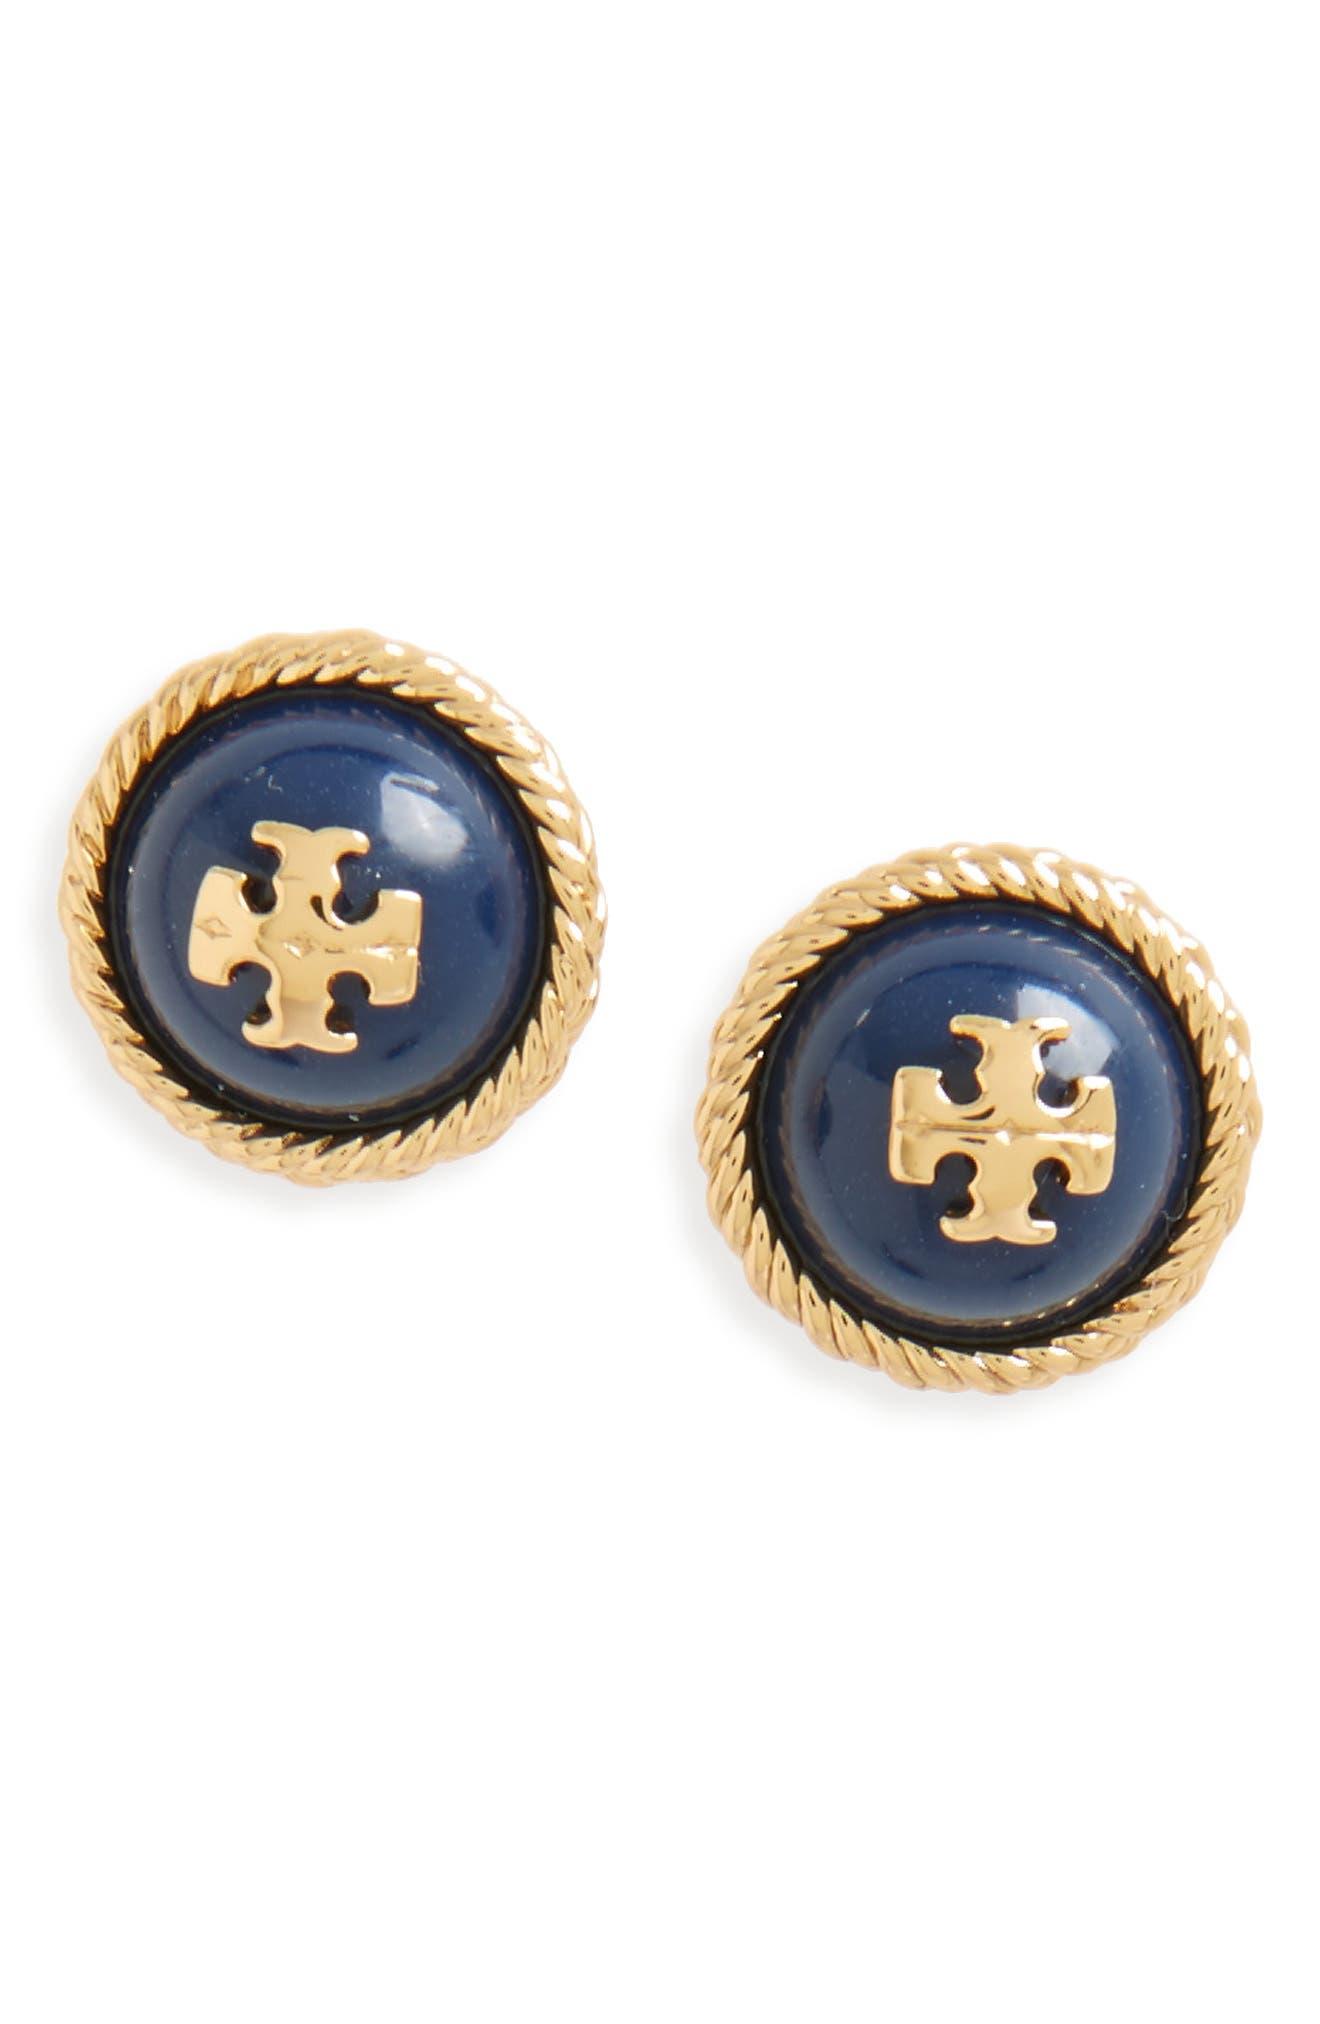 Alternate Image 1 Selected - Tory Burch Rope Stud Earrings